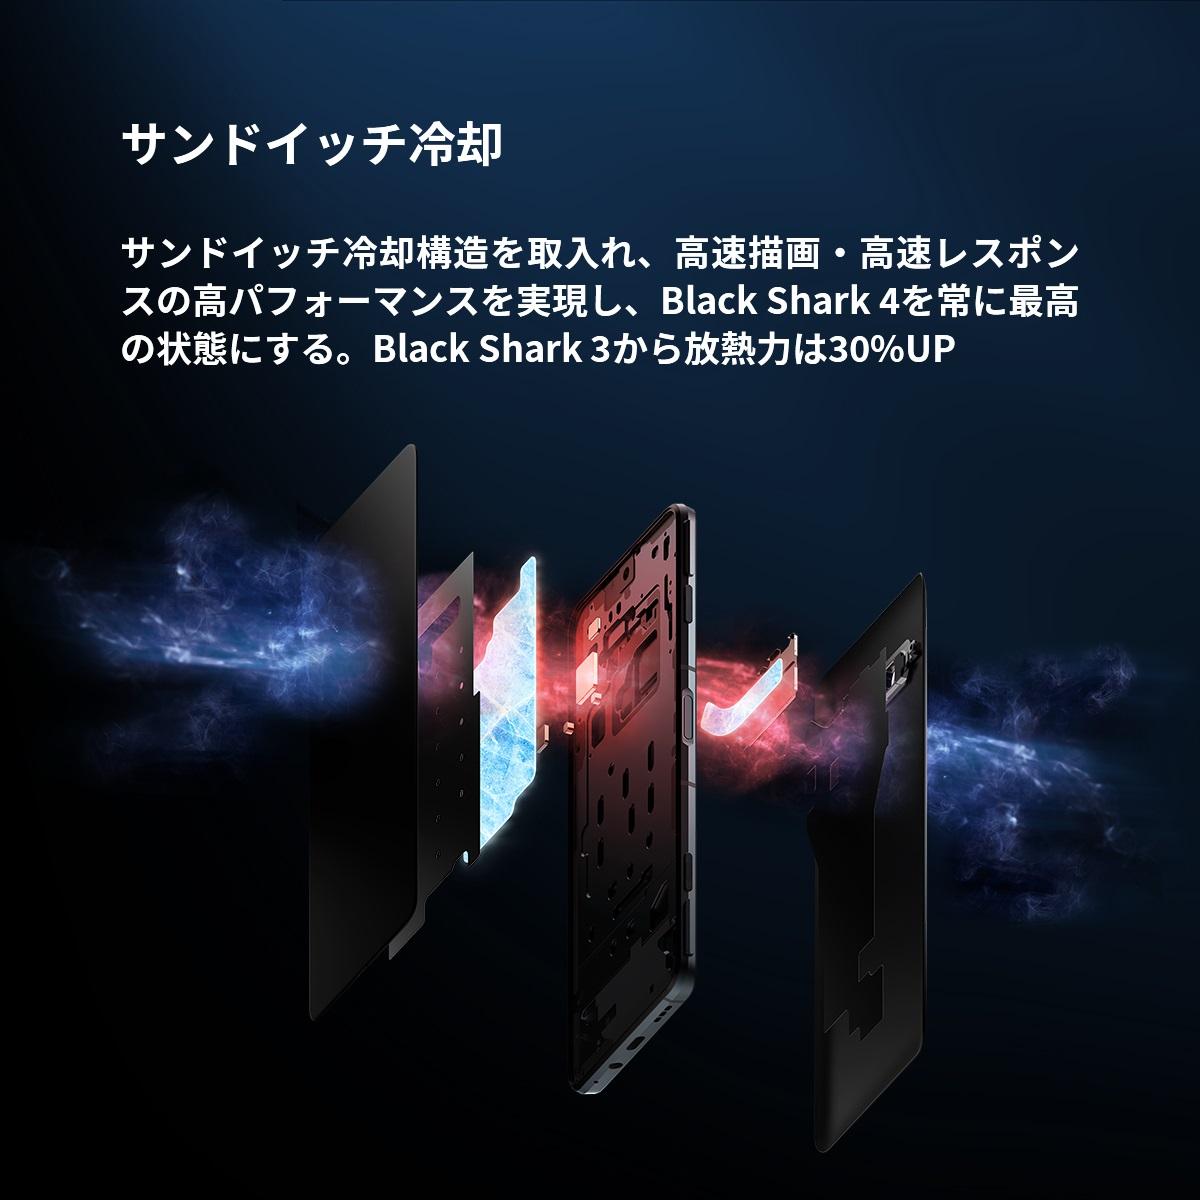 blackshark4ハイスペックモバイルスマートフォンデザインく